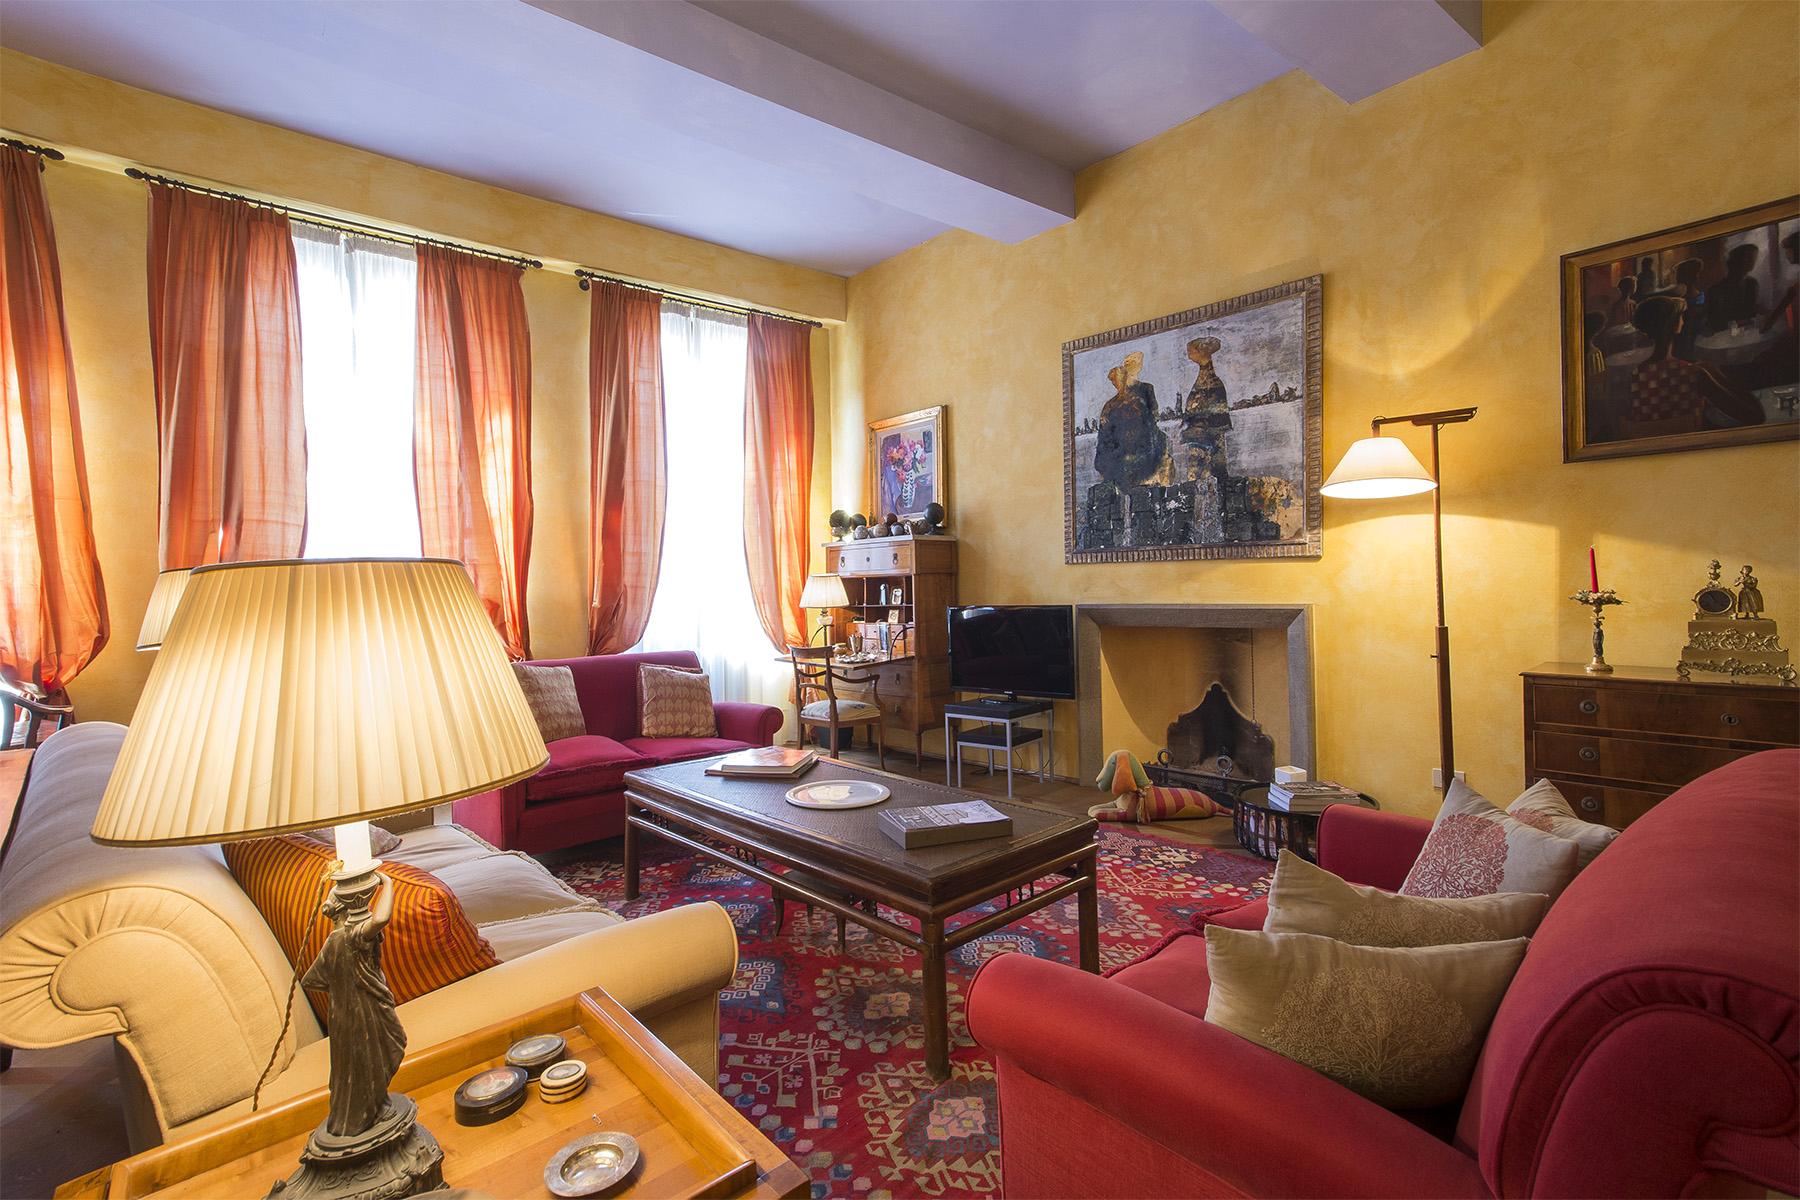 Appartamento in Vendita a Firenze: 5 locali, 208 mq - Foto 5